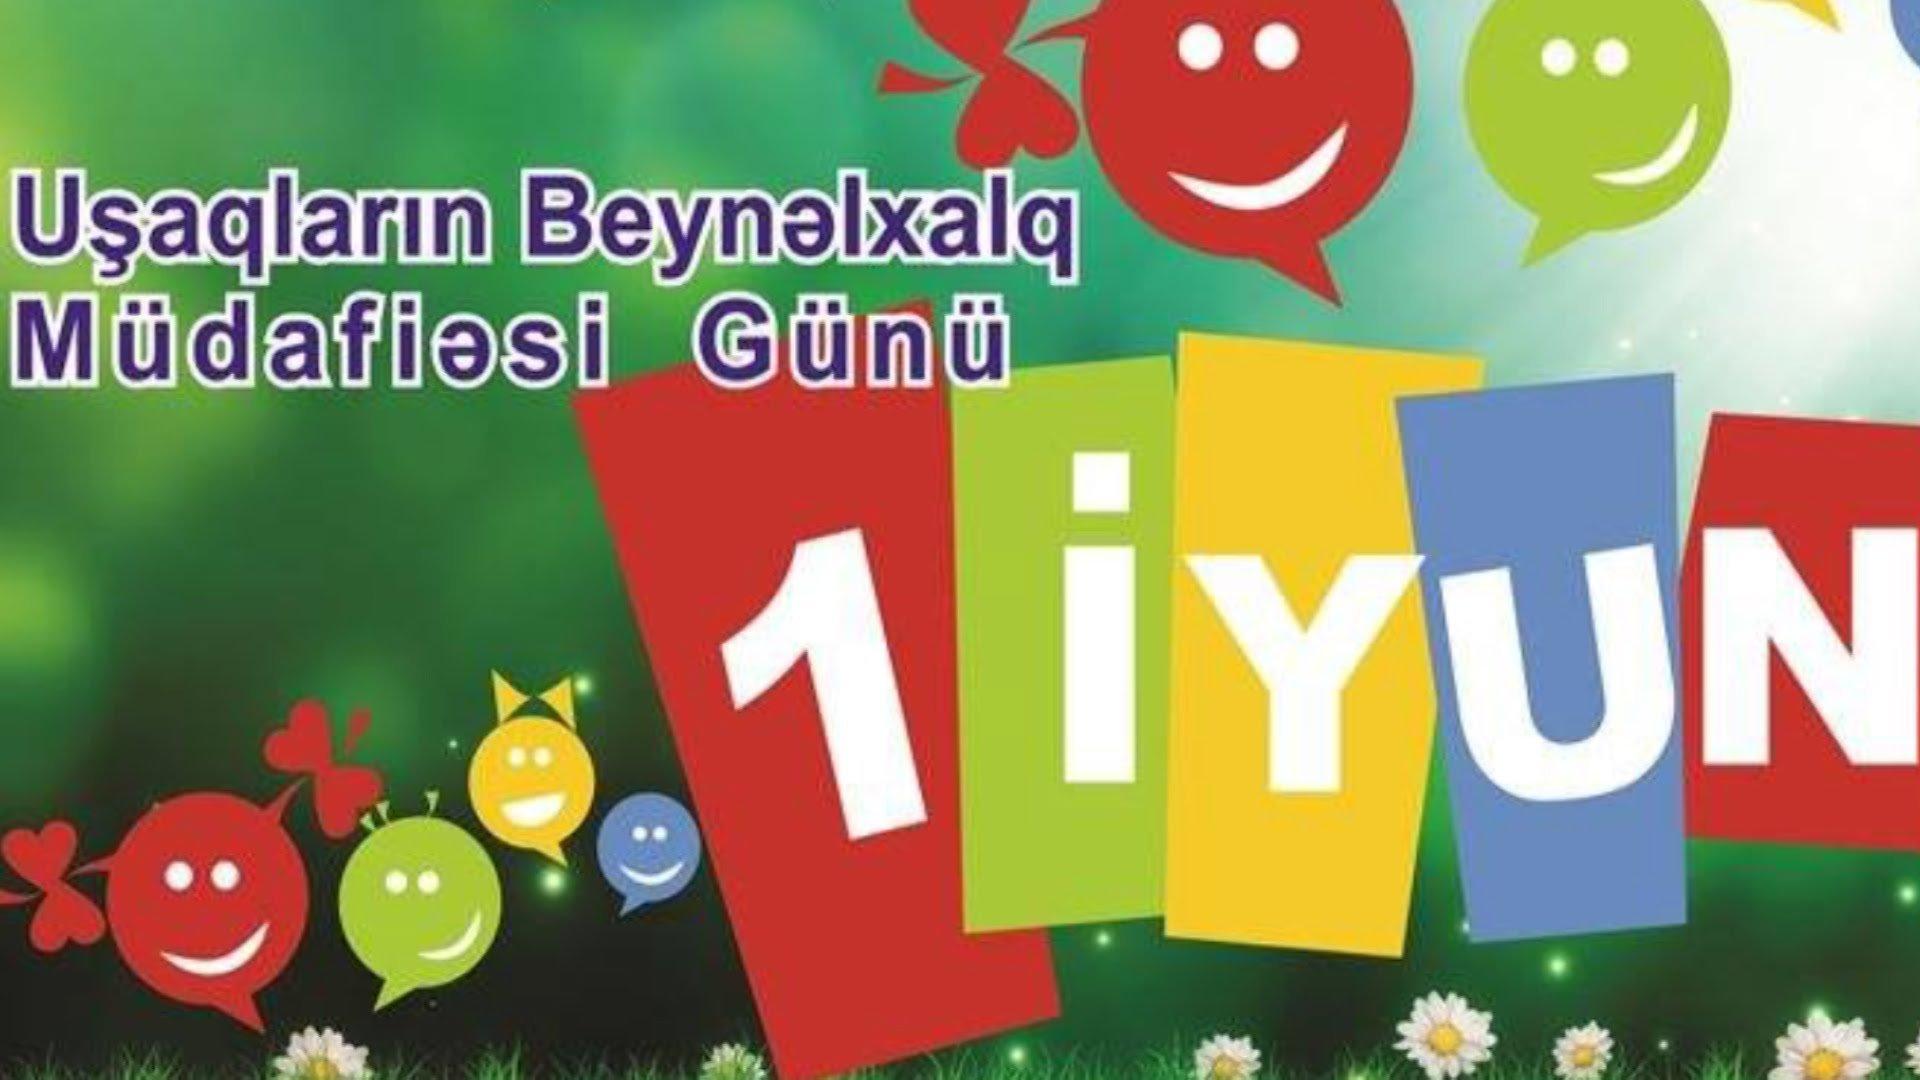 1İyun-Uşaqların Beynəlxalq Müdafiəsi günü » Azərbaycan Türkiyə İş ...